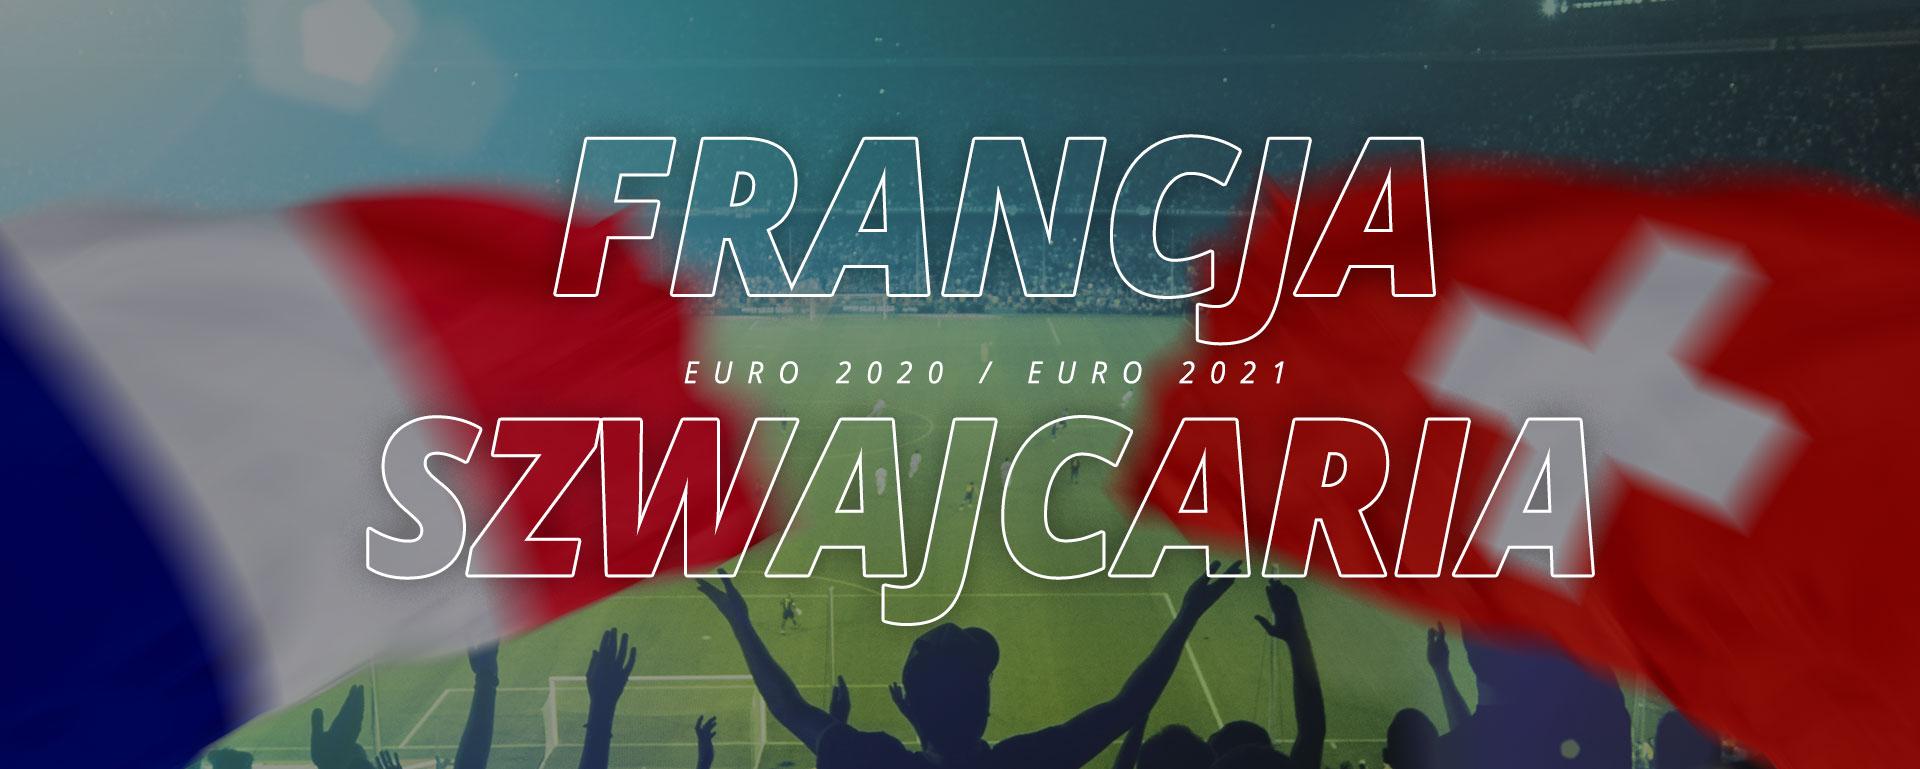 Francja – Szwajcaria | 1/8 finału Euro 2020 / Euro 2021